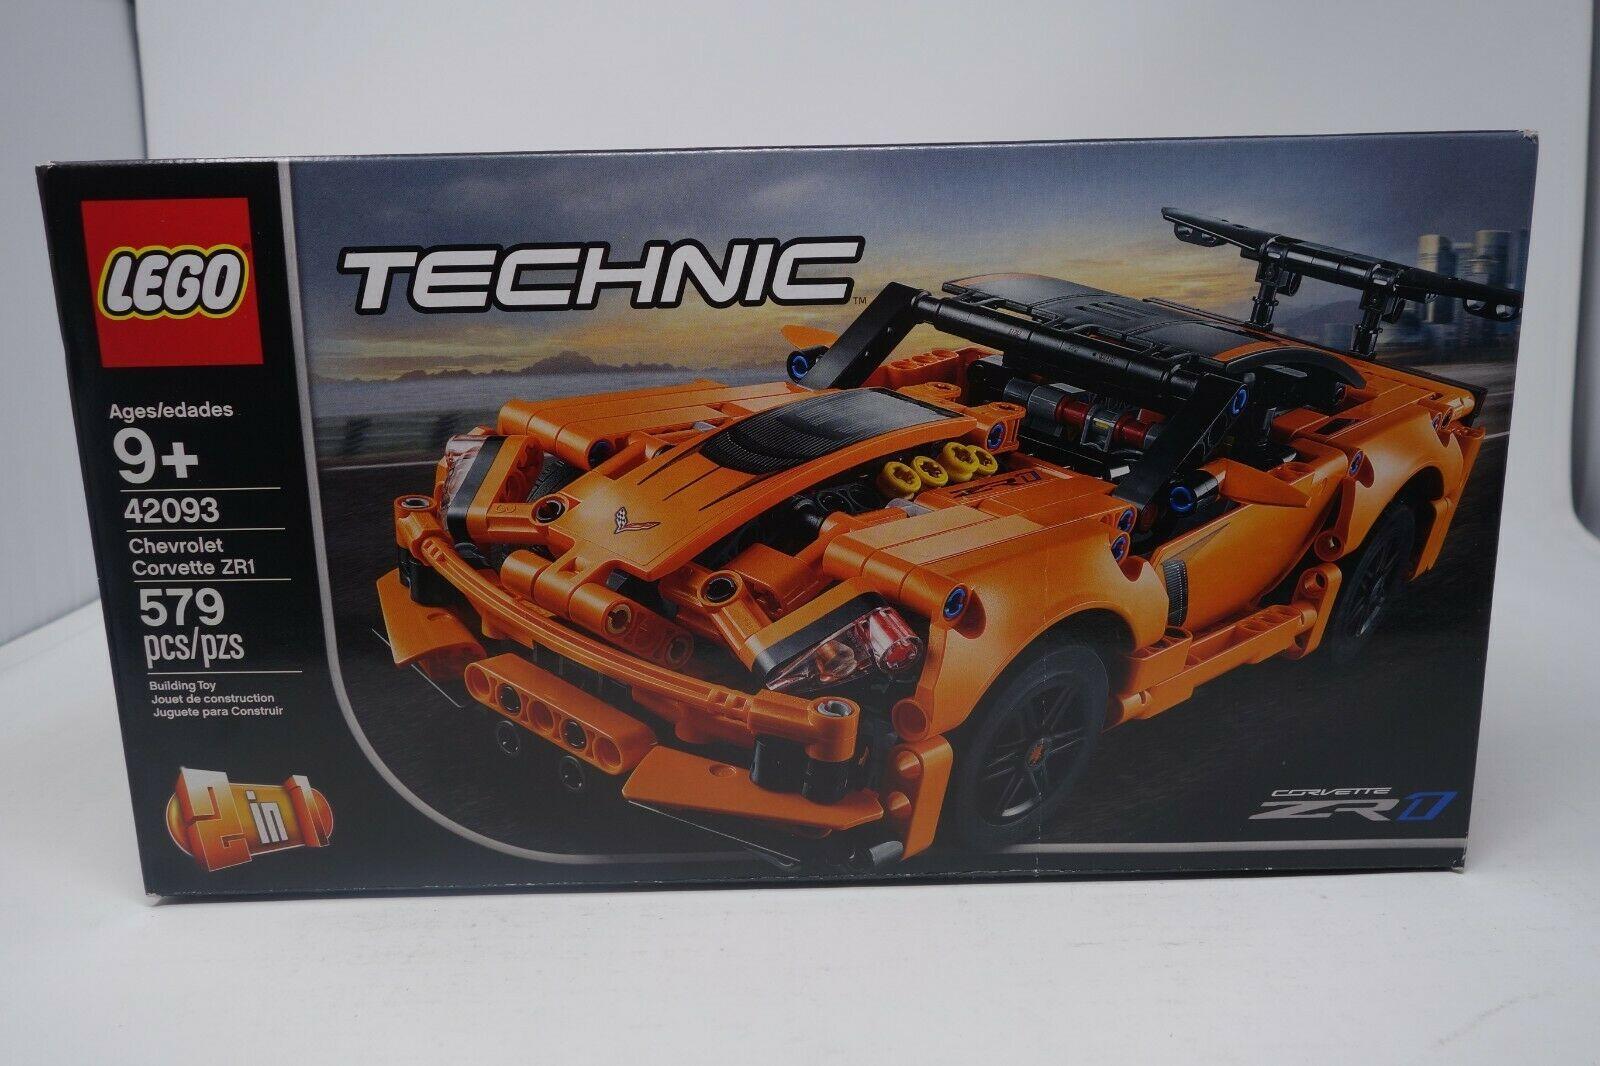 Details About Lego Technic Chevrolet Corvette Zr1 42093 Brand New